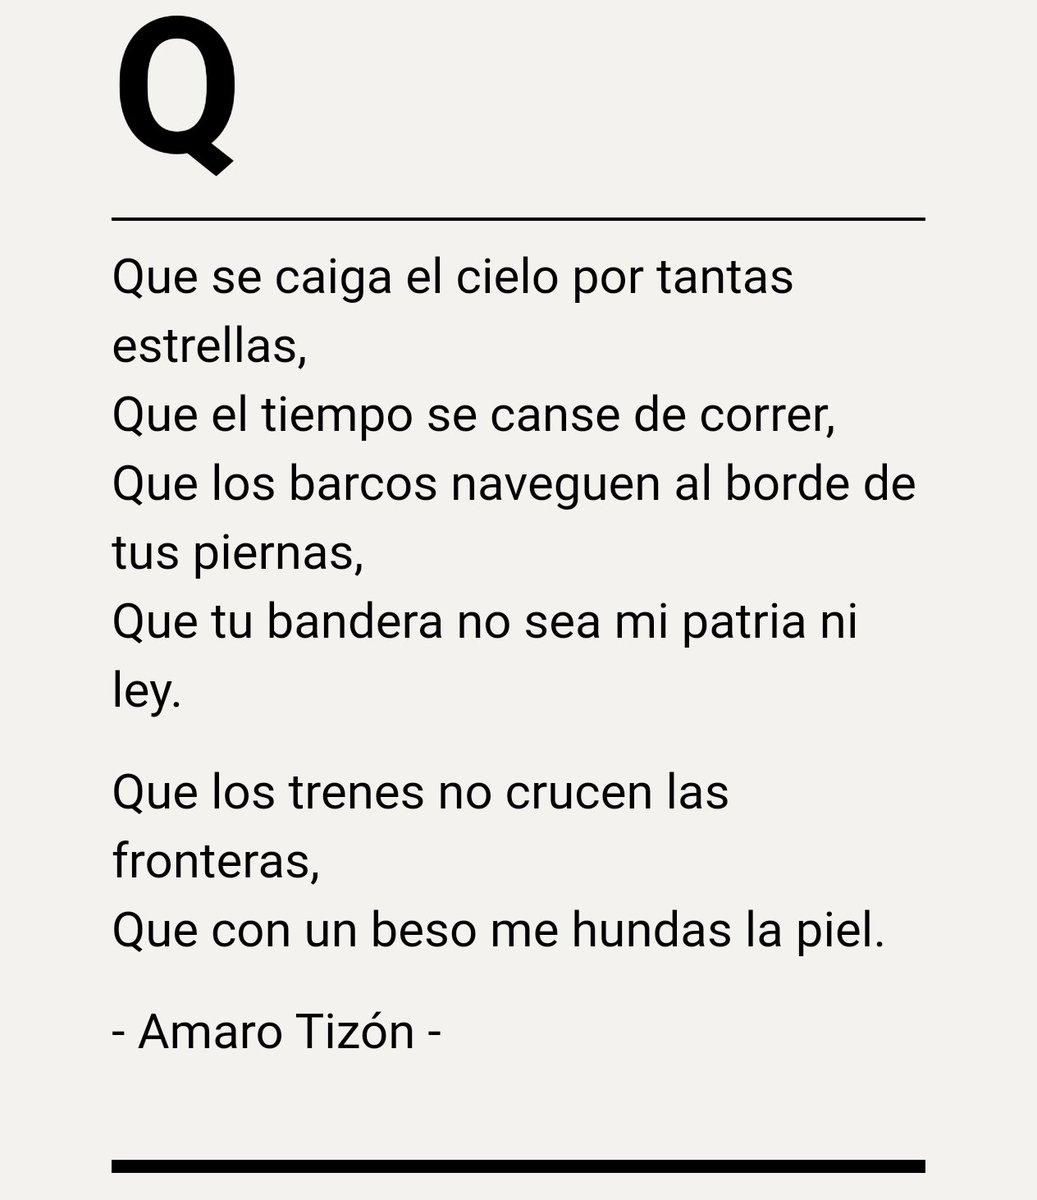 Amaro Tizón On Twitter Sin Patria Ni Ley Amarotizon